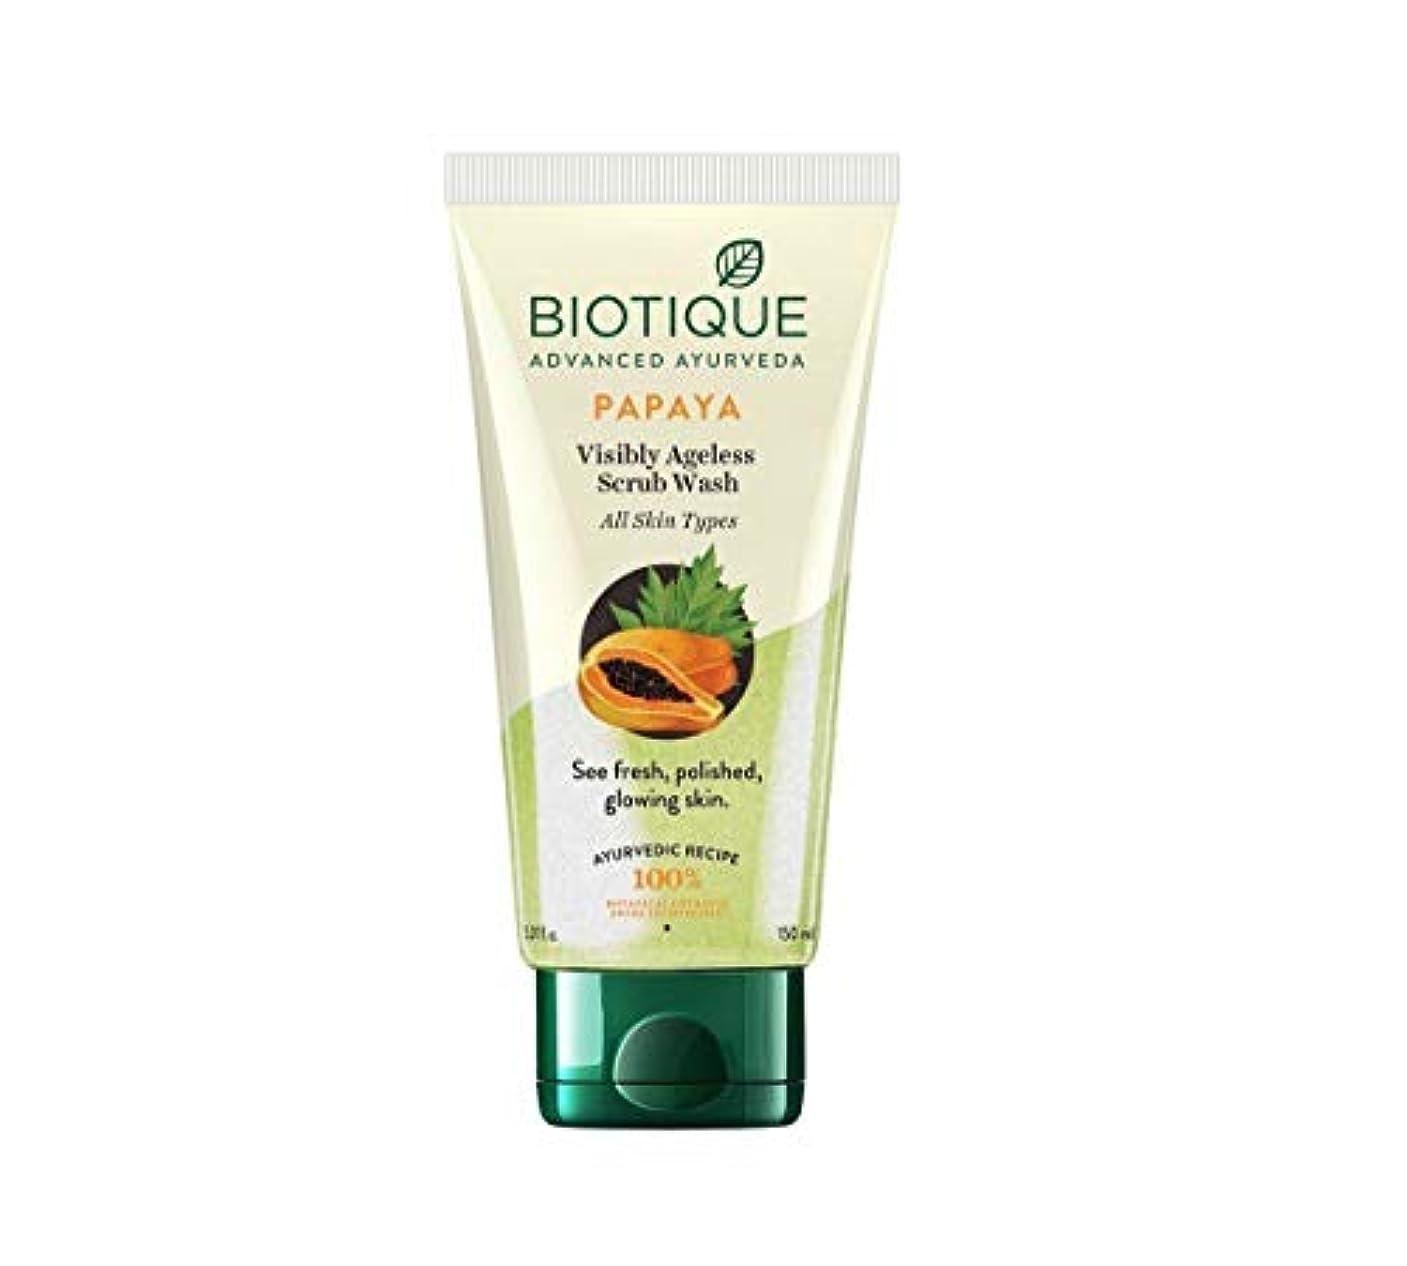 持っているラッシュ歩道Biotique Bio Papaya Exfoliating Face Wash For All Skin Types, 150ml Glowing Skin すべての肌タイプ、白熱肌のためのBiotiqueバイオパパイヤ...